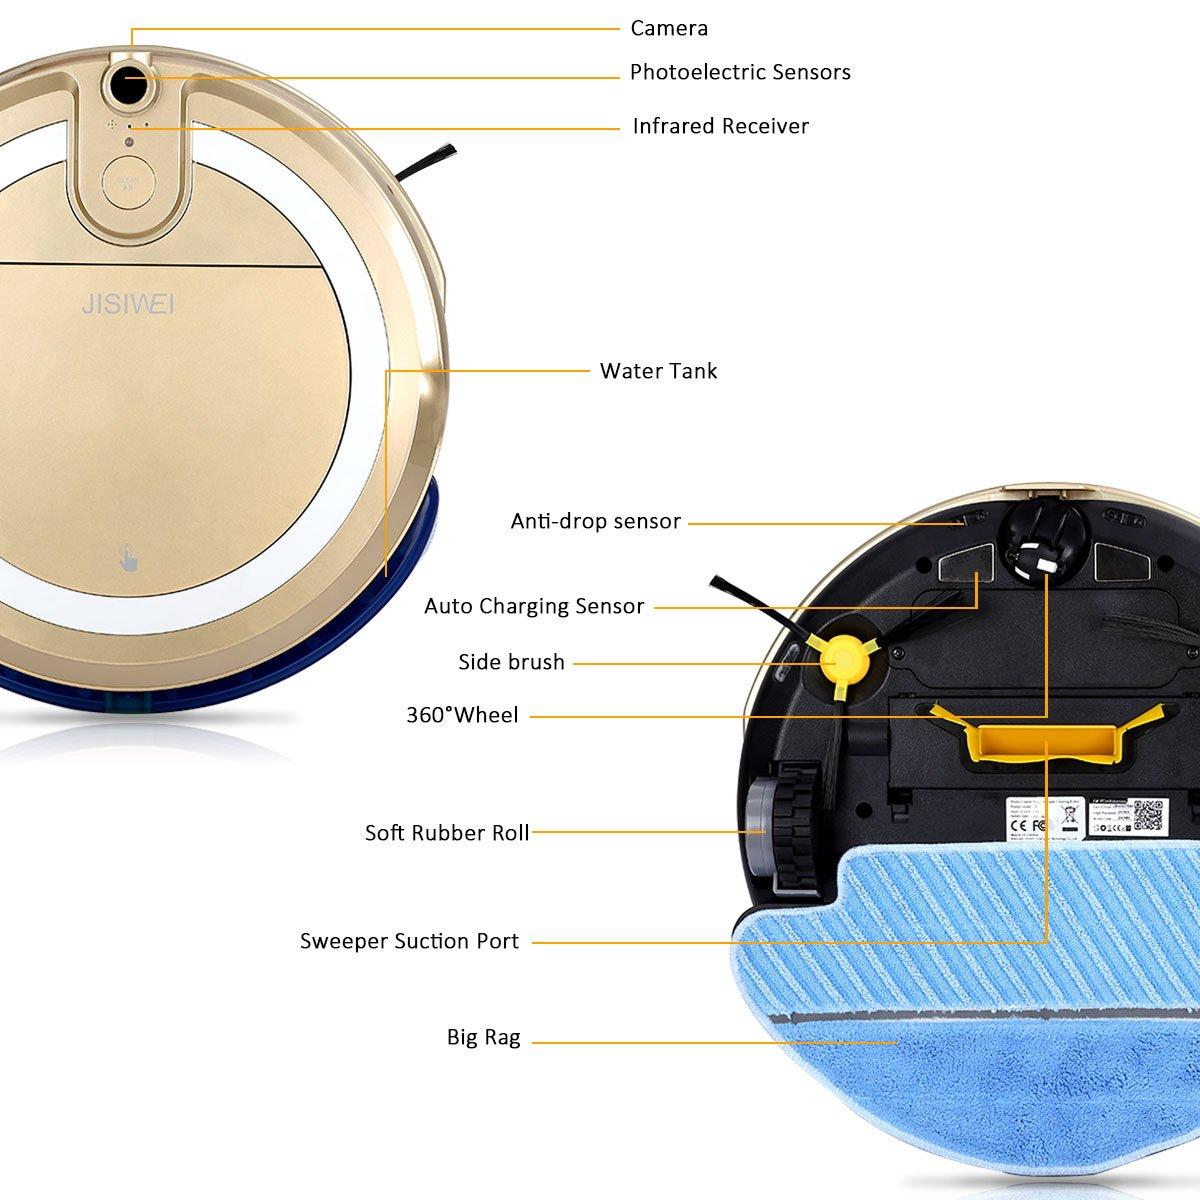 JISIWEI I3 - Robot Aspirador con Cámara HD Incorporada (APP Remoto Control, Sistema Anticolisión, Compatible con IOS y Android) (Dorado): Amazon.es: Hogar